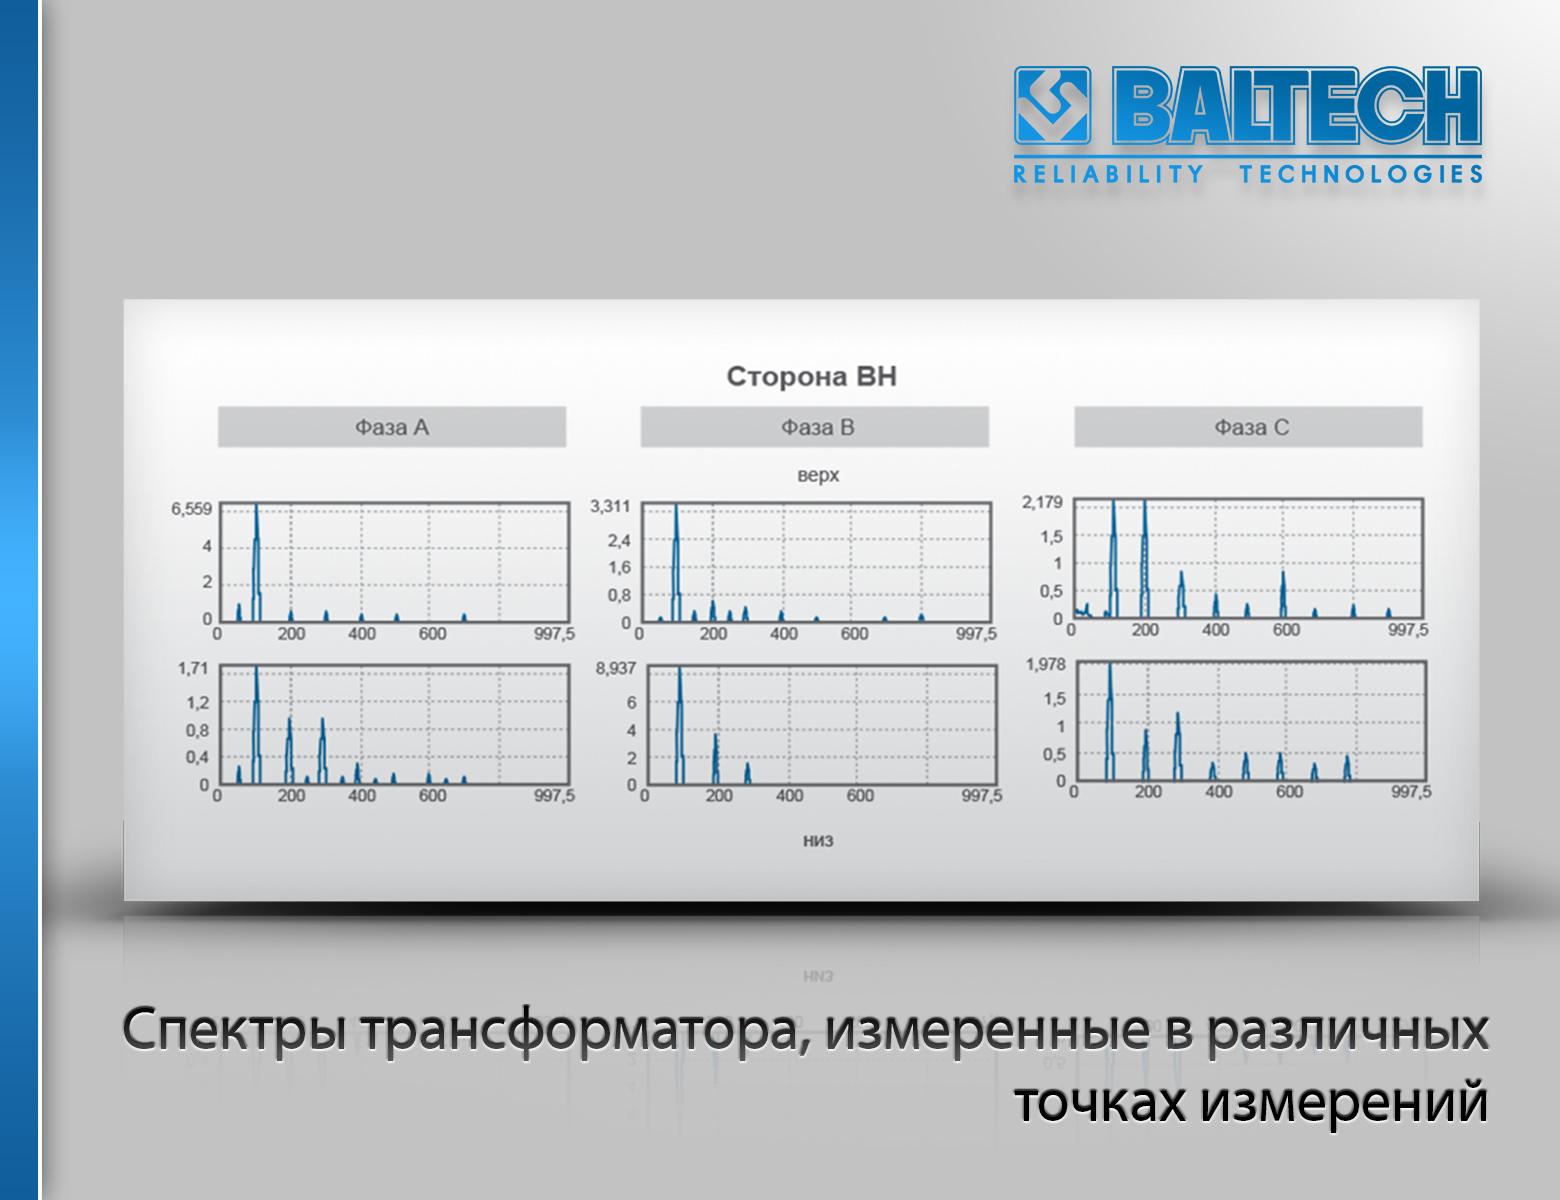 Контроль трансформаторов, диагностика трансформатора, проверка трансформаторов